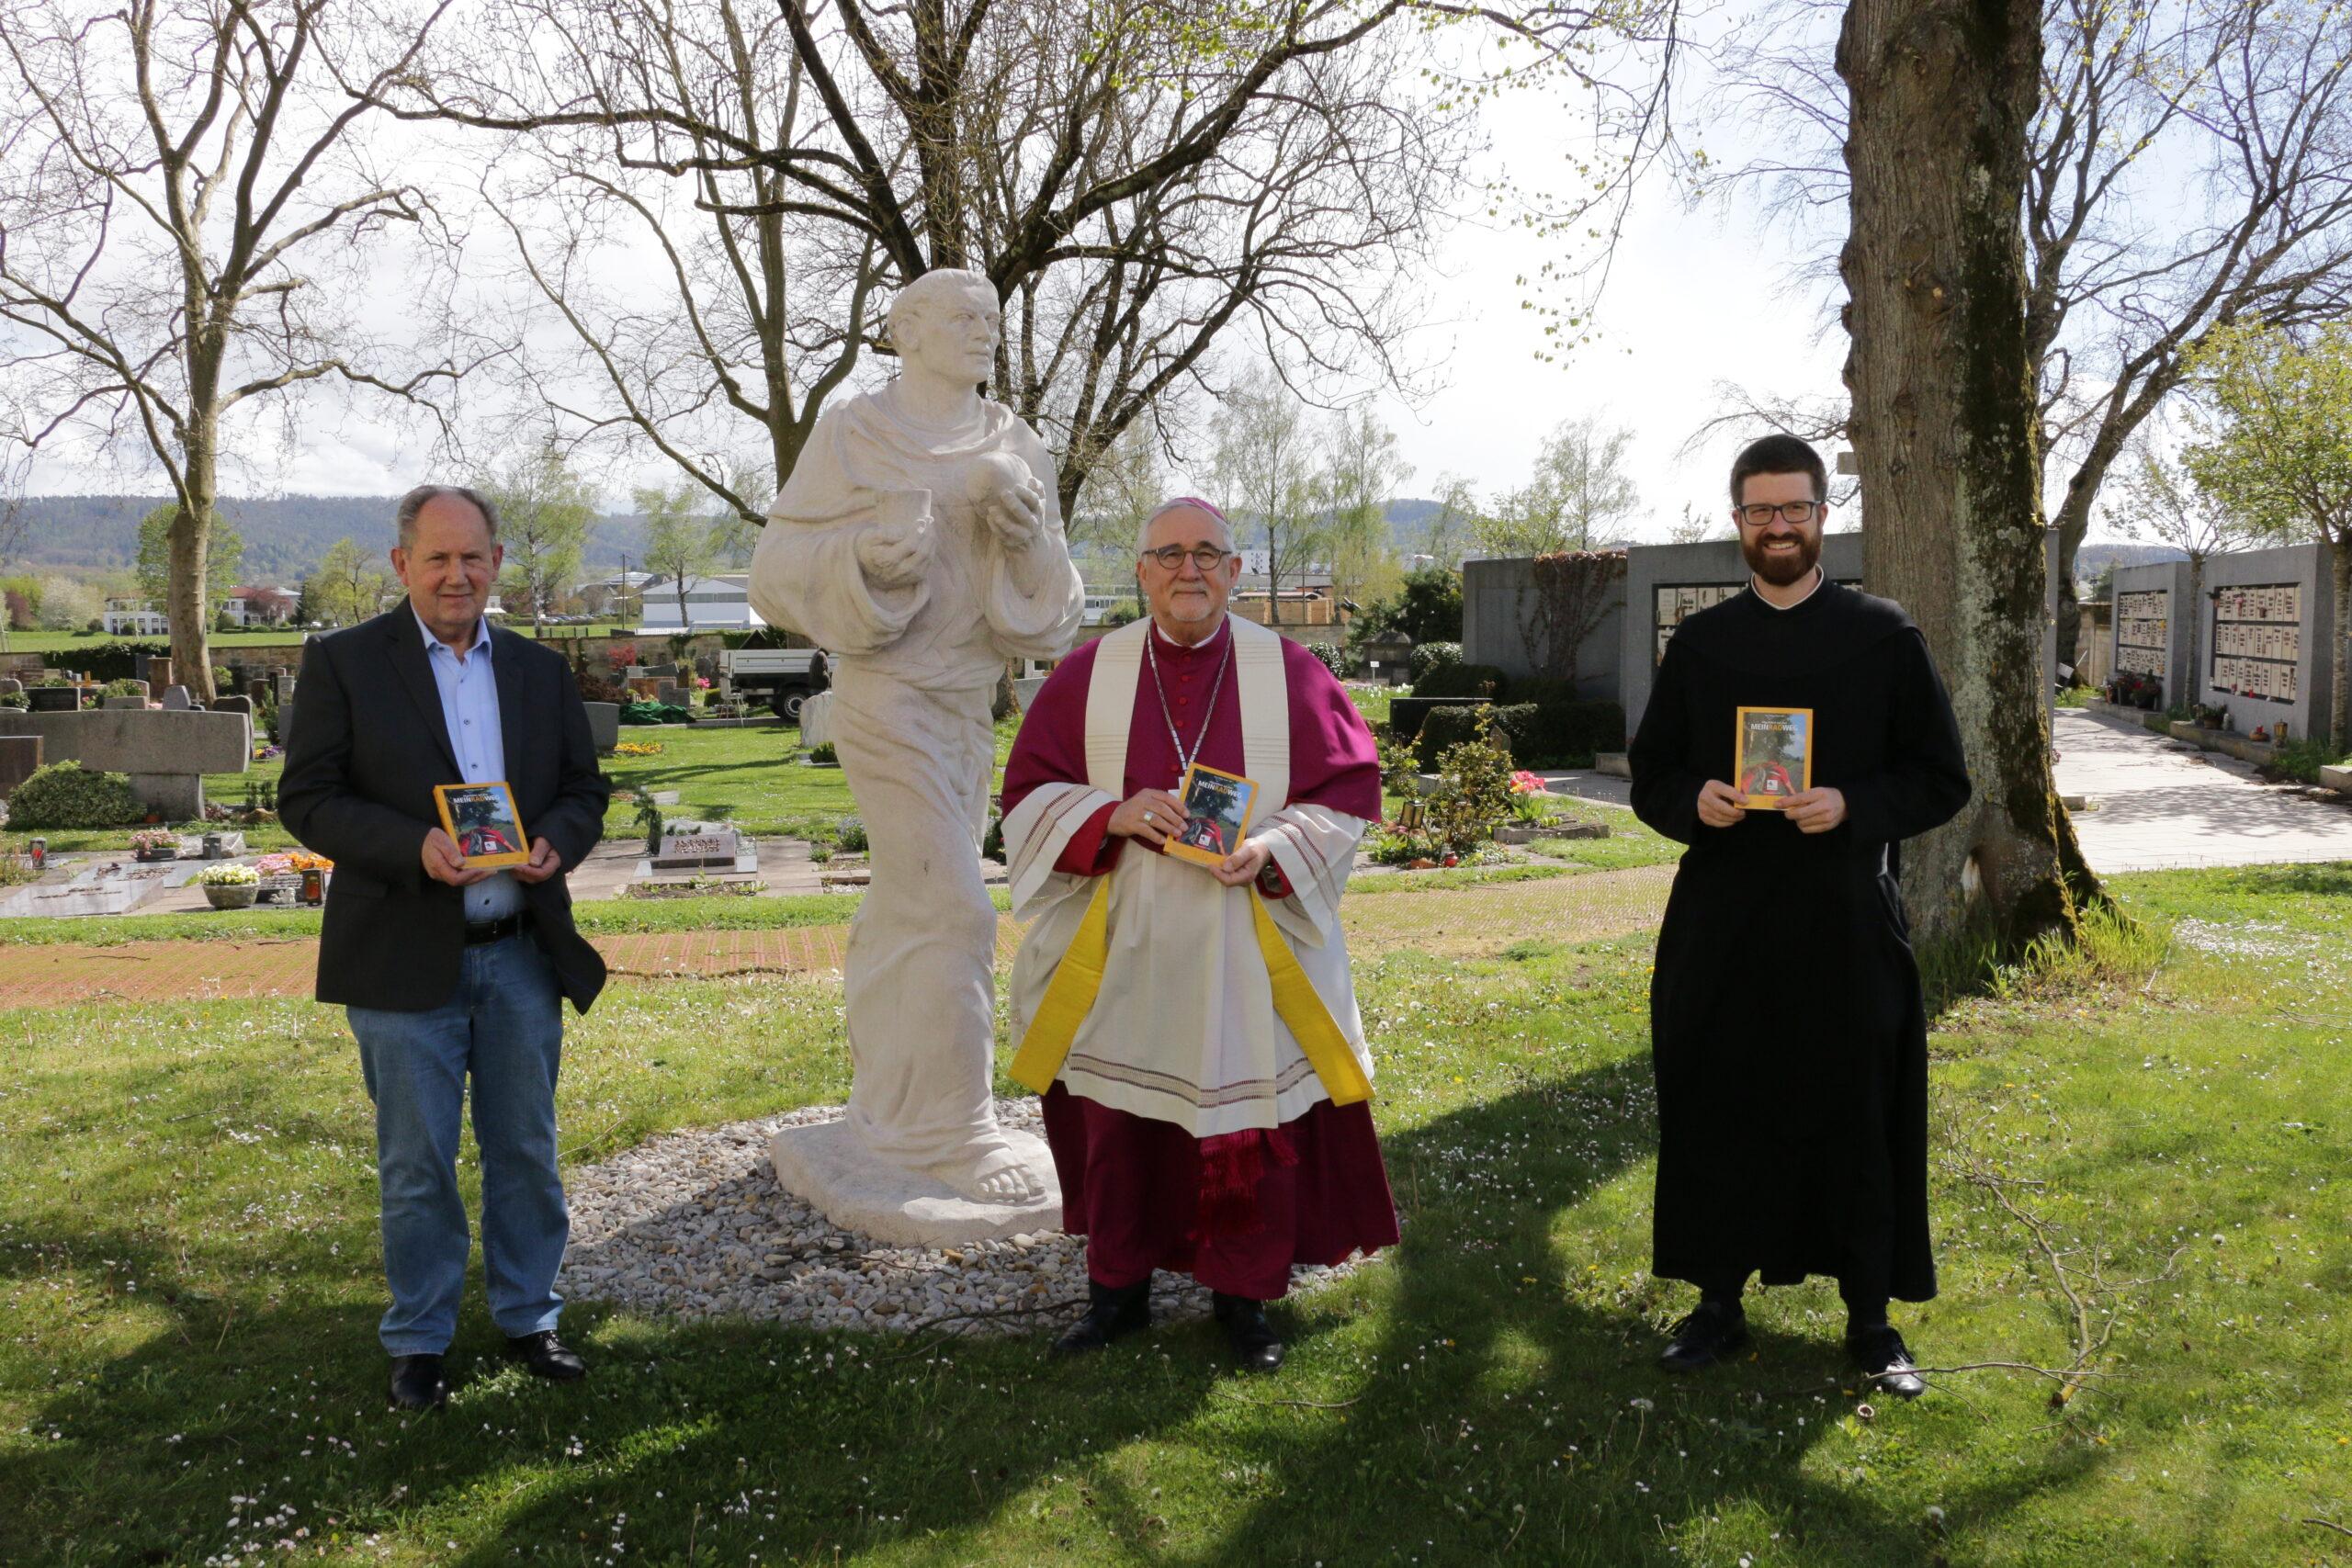 Bischof Gebhard Fürst (Mitte) zusammen mit Verlagsleiter Josef Fink (rechts) und Pater Philipp (links) vor der Statue des heiligen Meinrad. Foto: Gregor Moser, Rottenburg.